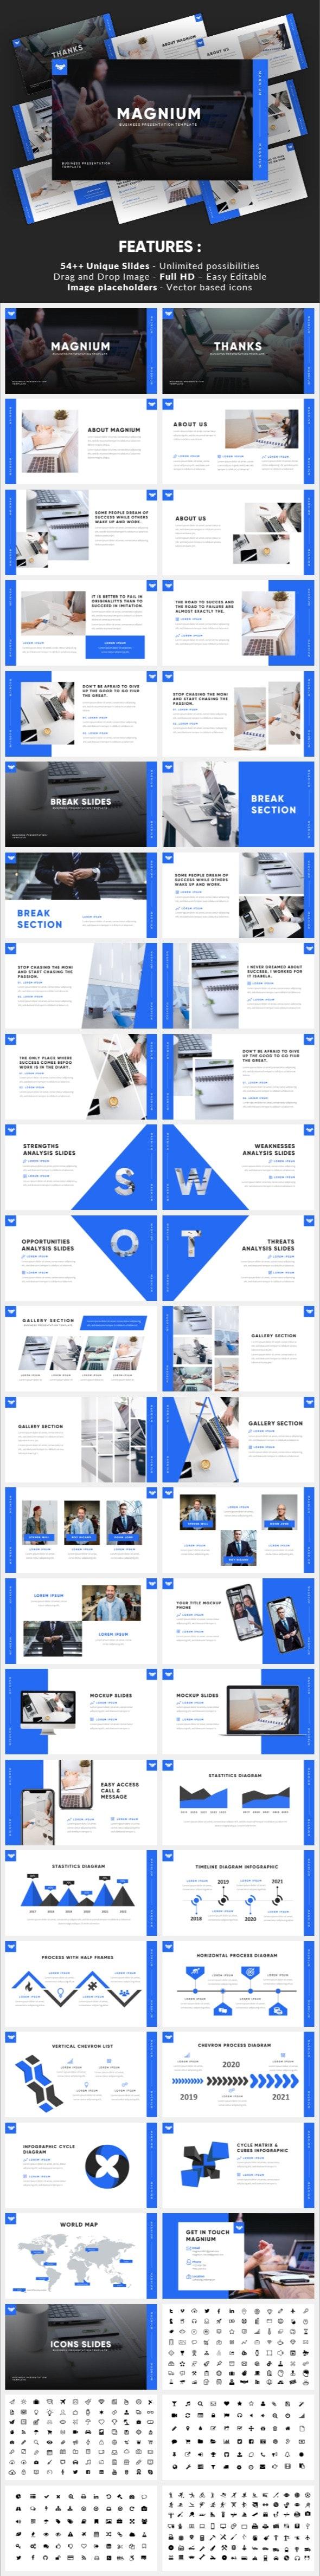 Magnium - Elegant Business Google Slides Template - Google Slides Presentation Templates